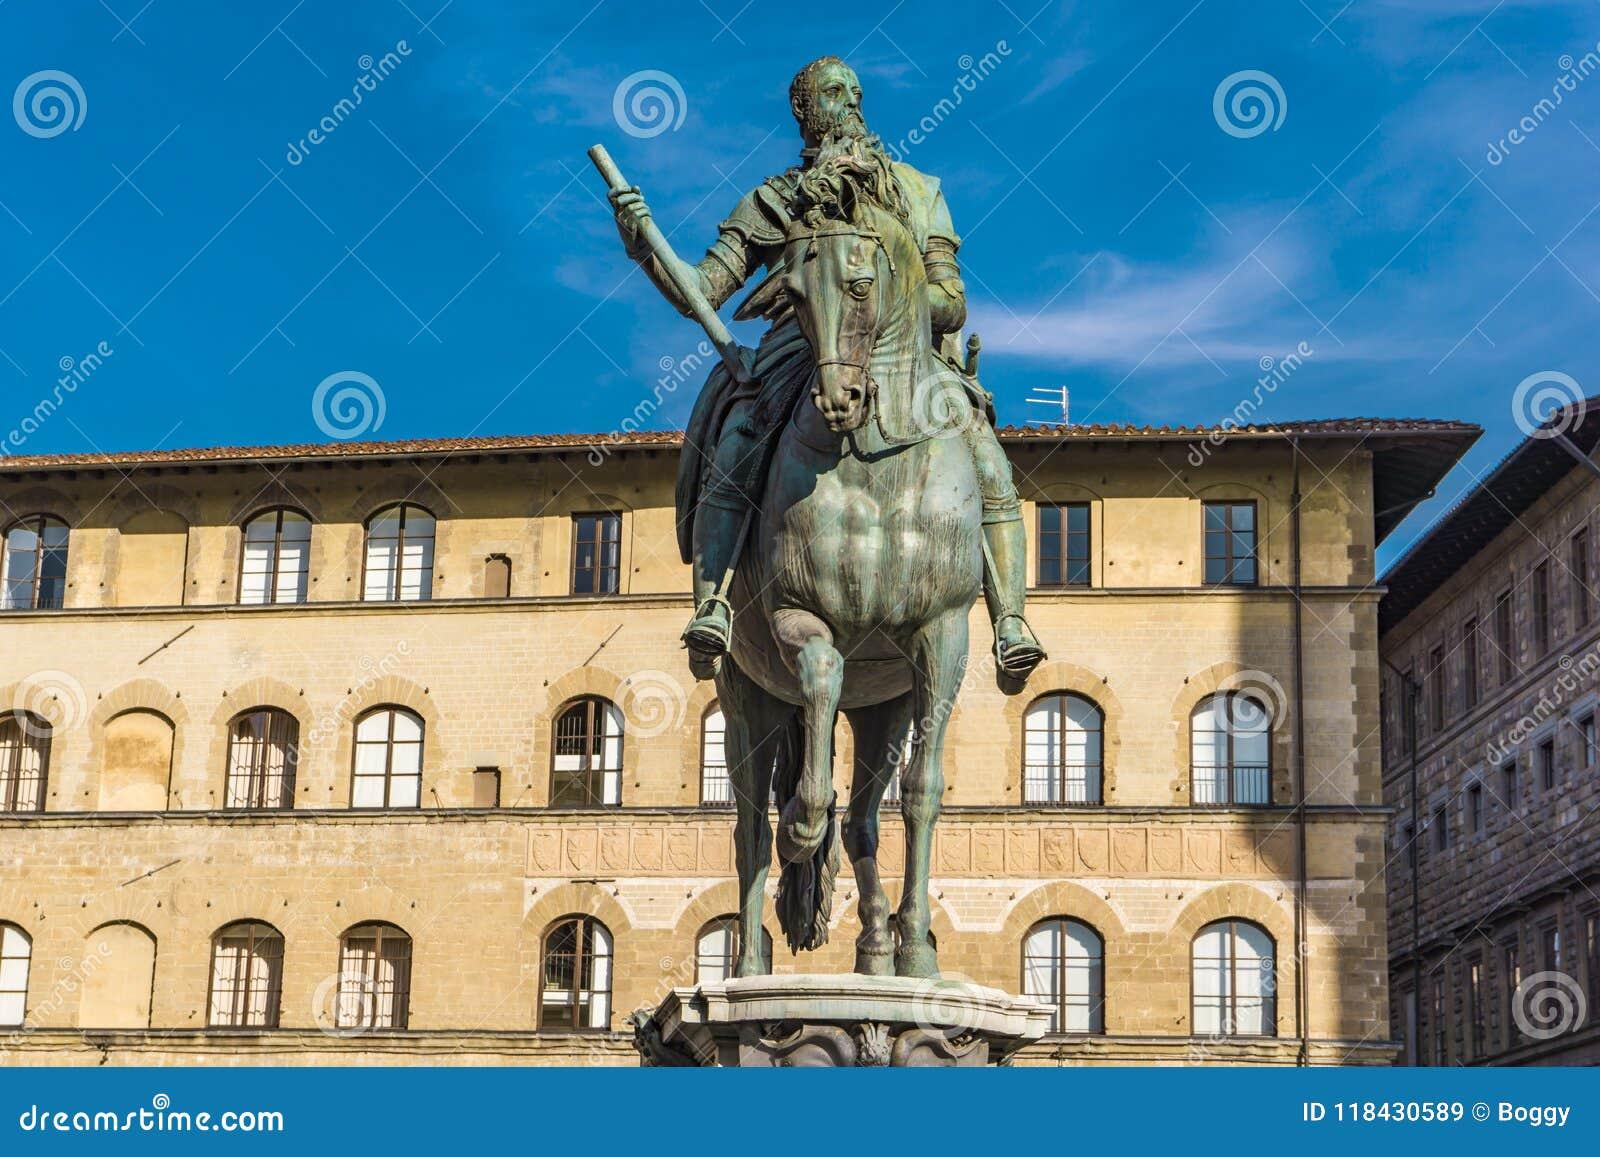 Monumento equestre di Cosimo I a Firenze